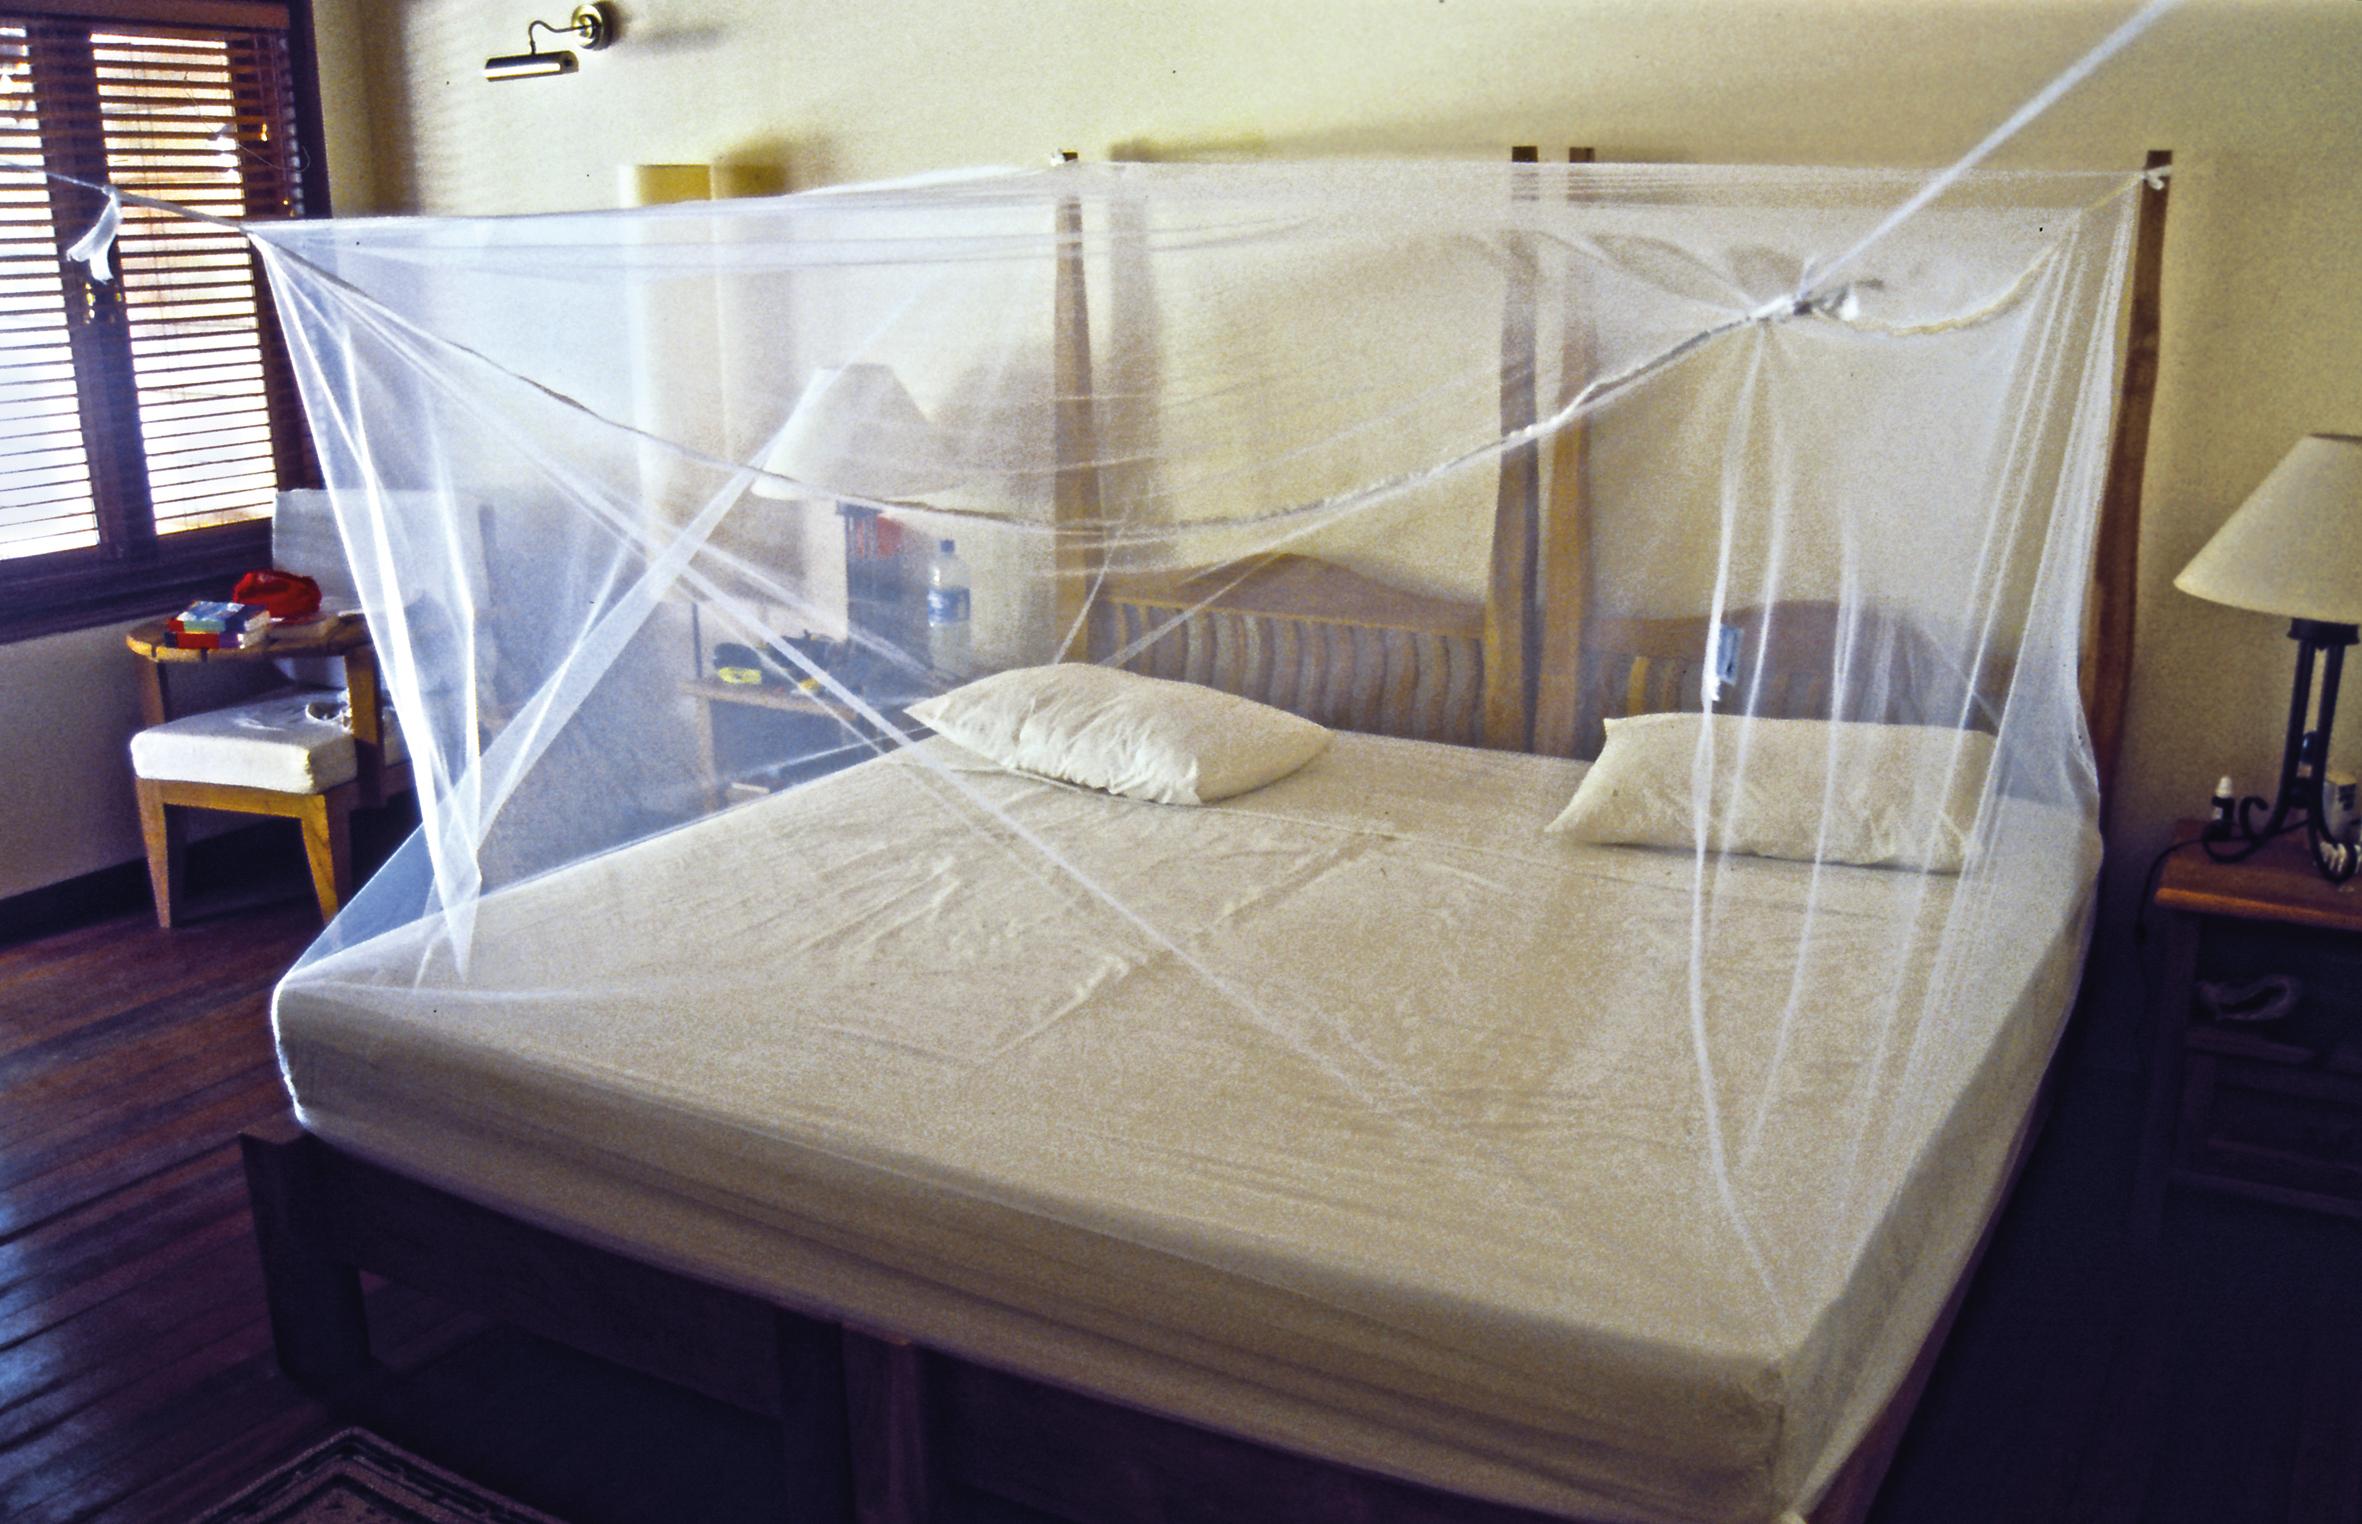 Nuevas mosquiteras de viaje brettschneider con impregnaci n llin de larga duraci n ferrehogar - Mosquiteras para cama ...